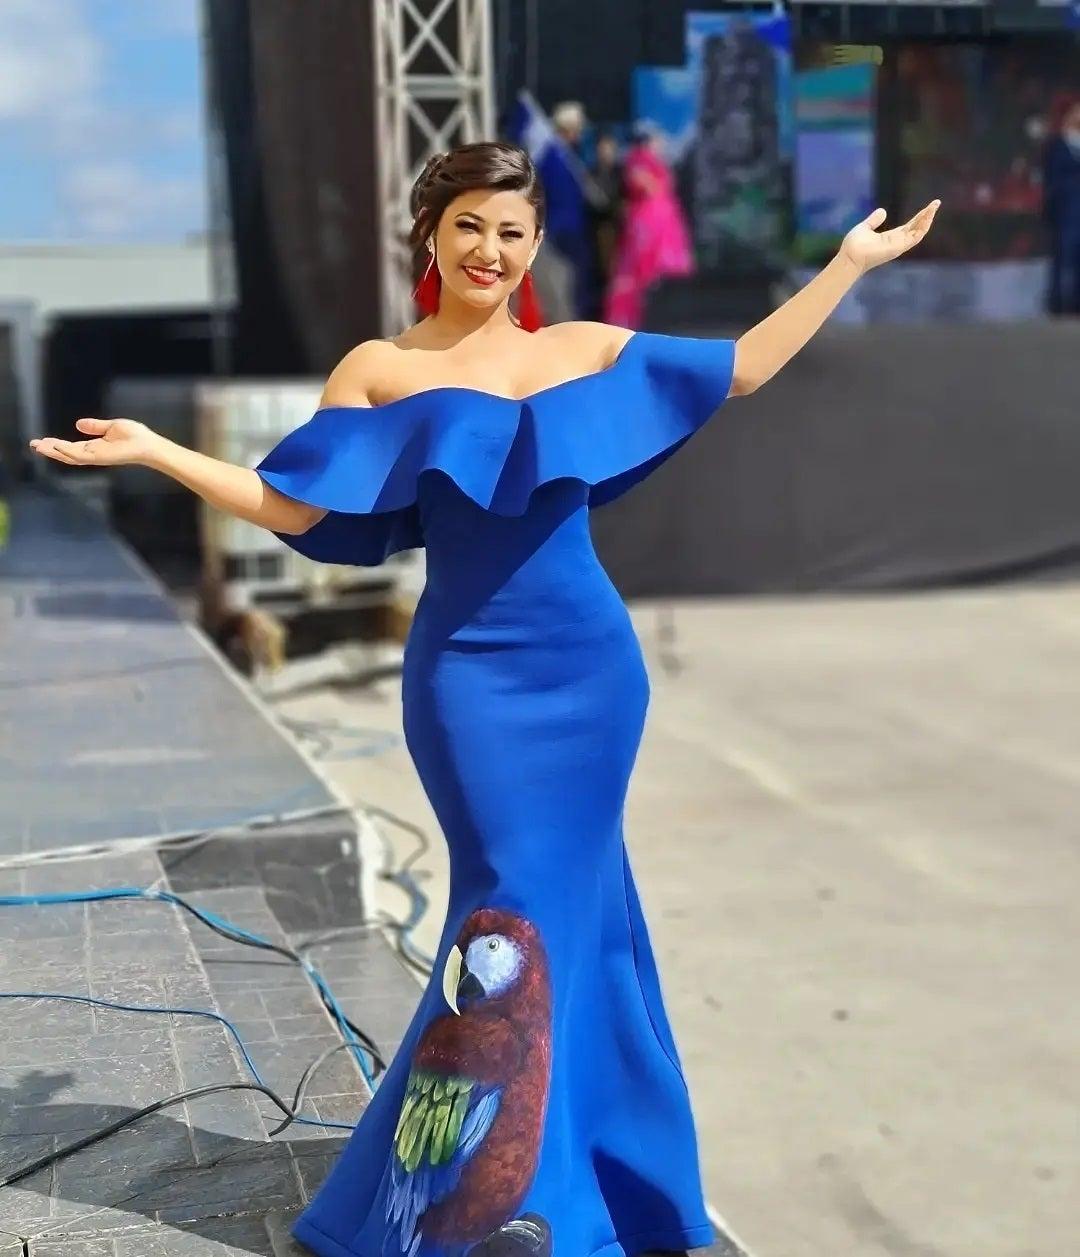 Un vestido de hombros caídos y vuelo en la parte superior, con corte de sirena, ajustado a su figura, definitivamente Milagros escogió muy bien.